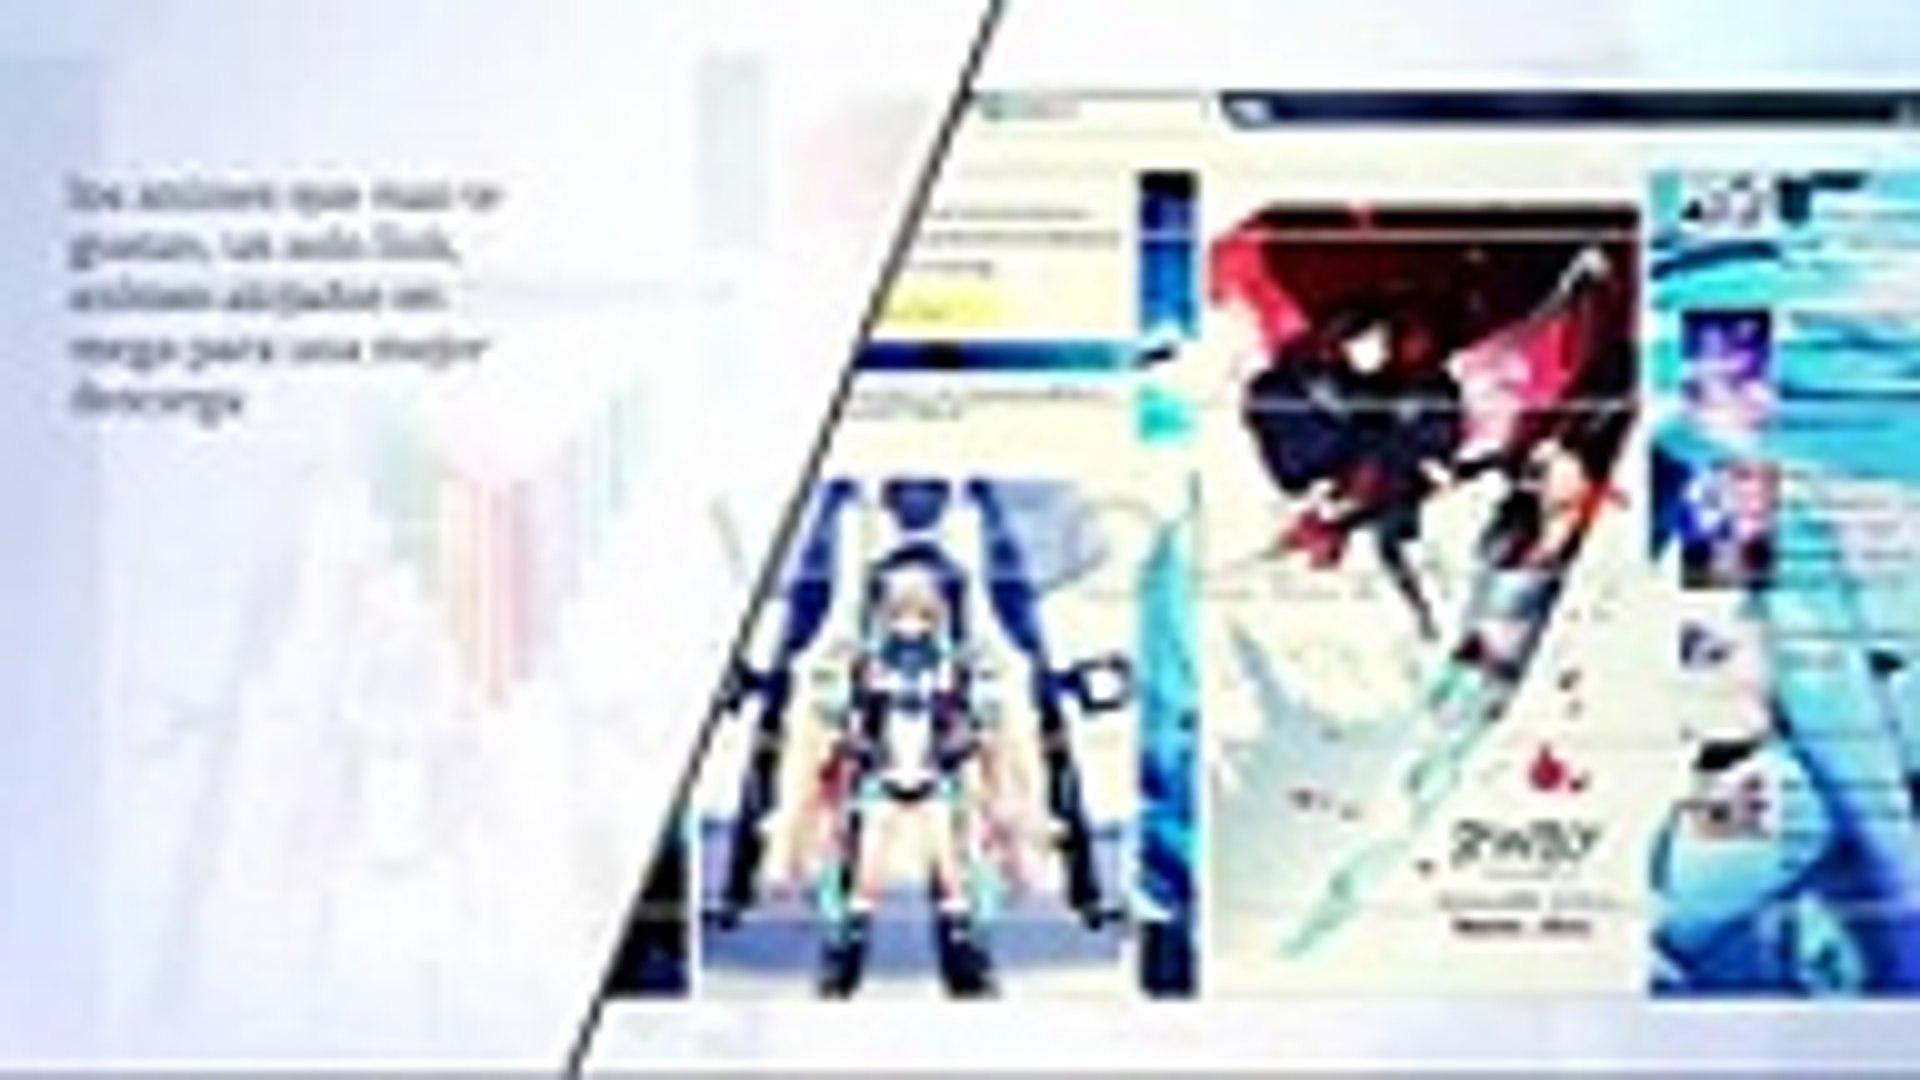 Anime xD - Anime por mega - Pagina para descargar anime por mega,hd 2018 movies  Tv Online free